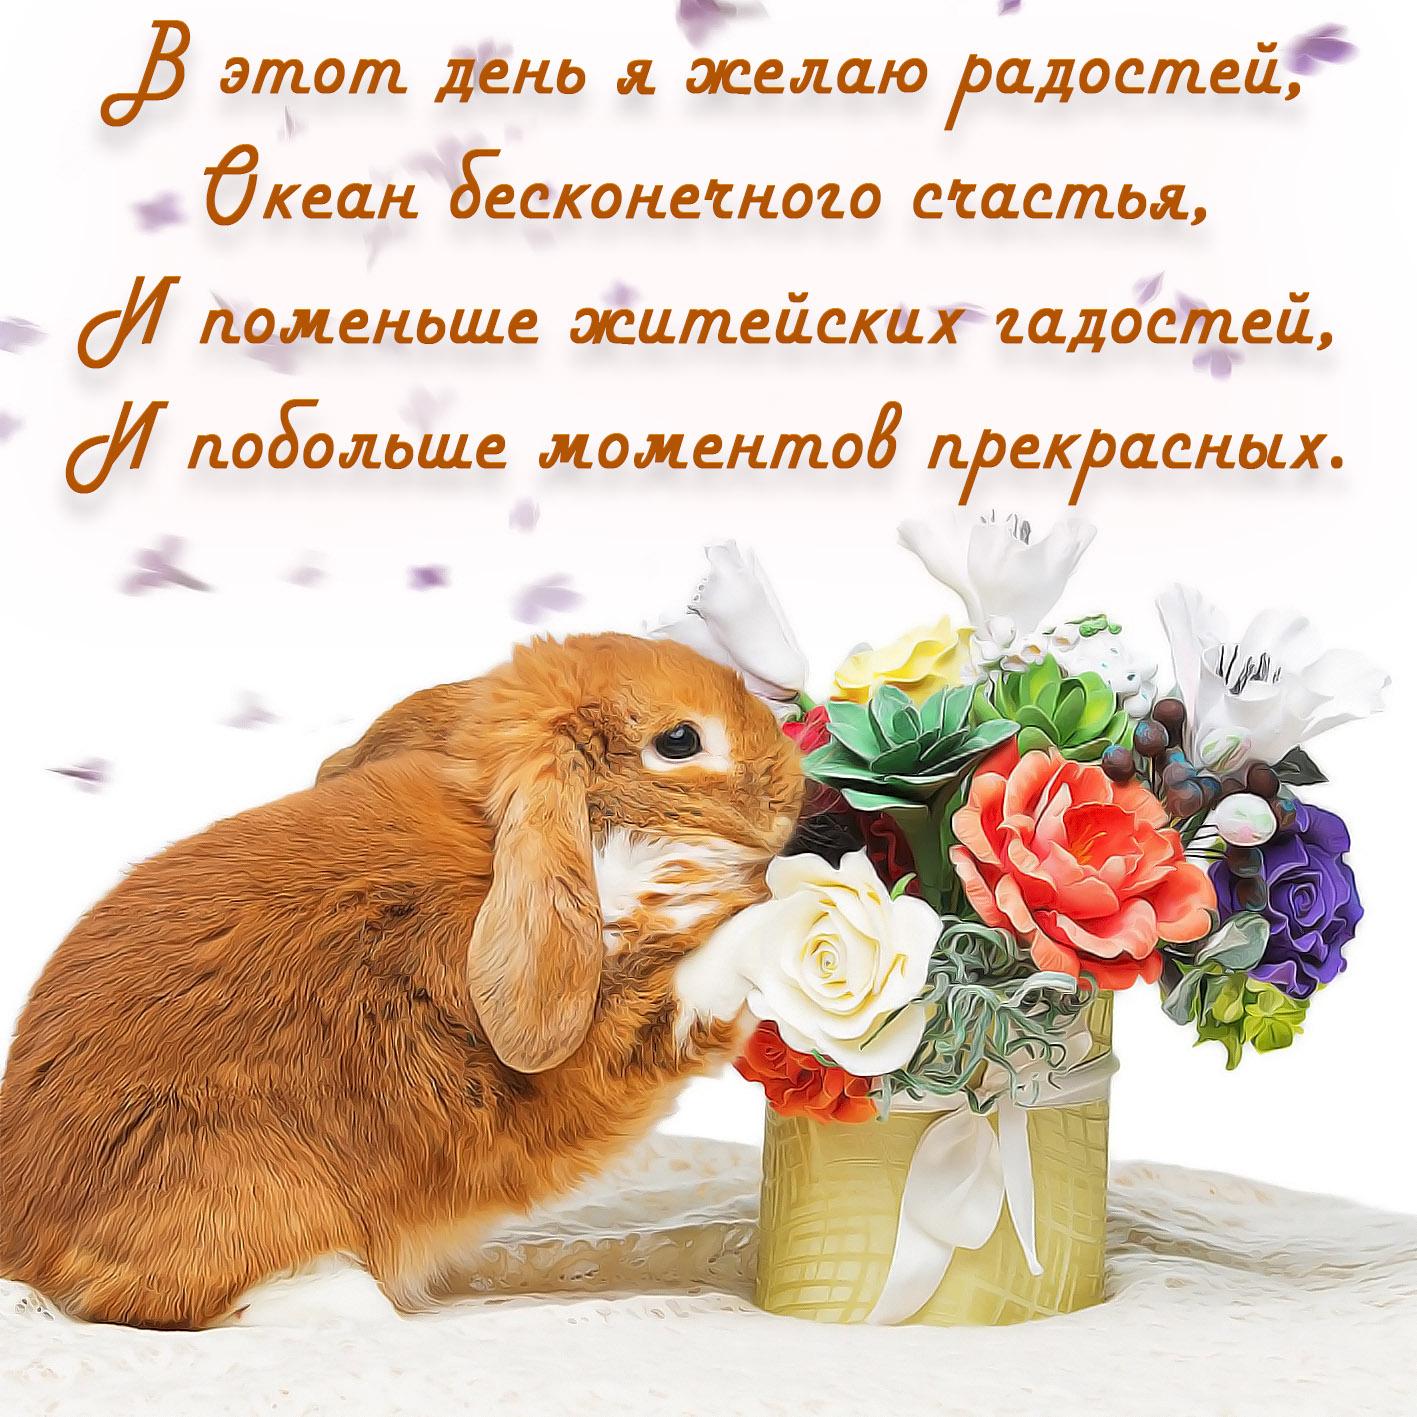 фотографии или поздравление кролика вибер с днем рождения сразу оказать первую